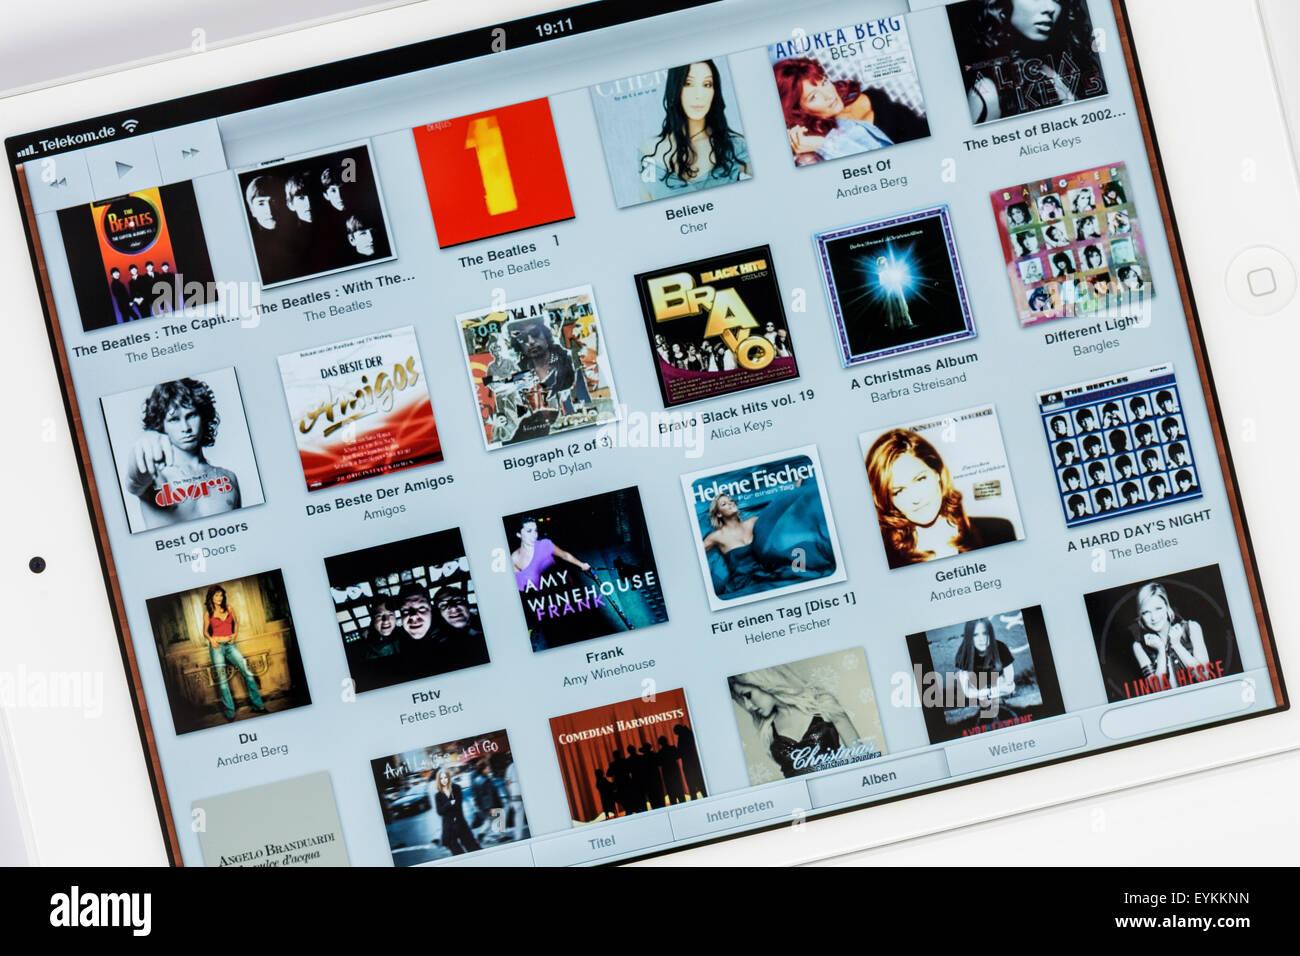 Apple iPad mini, pantalla, música iPad ext., programa multi-función de aire, detalle Imagen De Stock